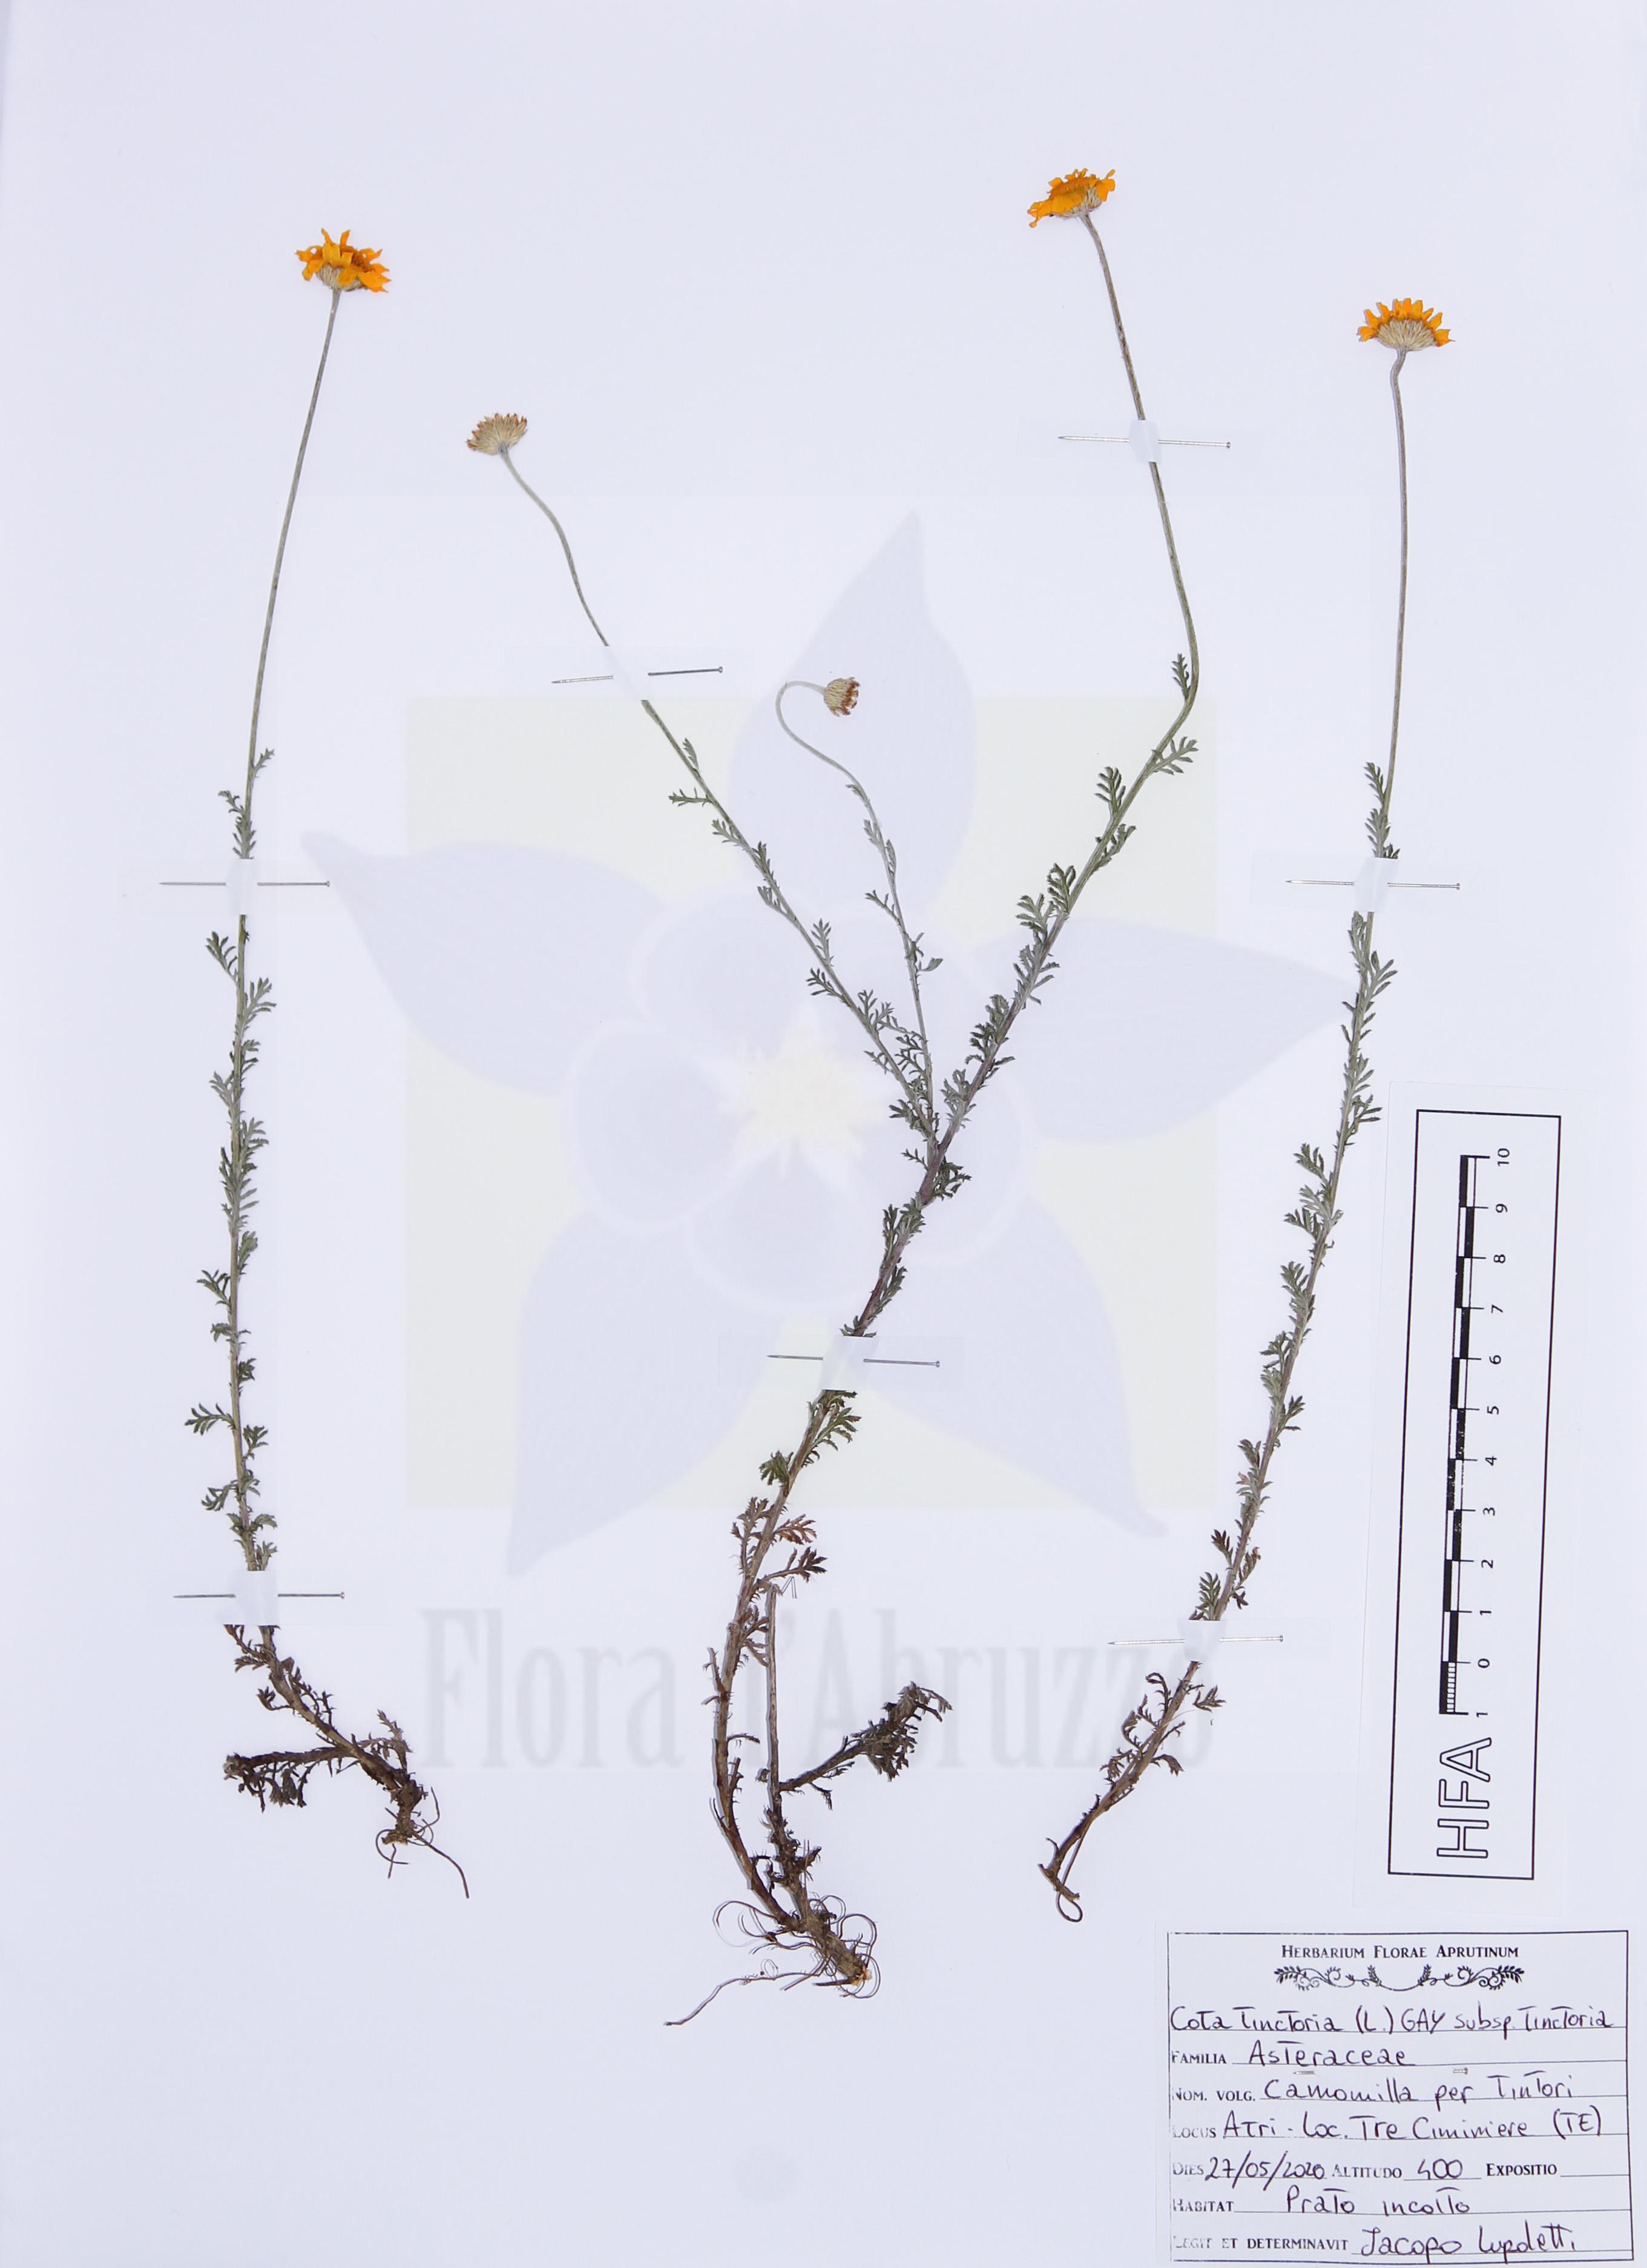 Cota tinctoria(L.) J. Gay subsp.tinctoria